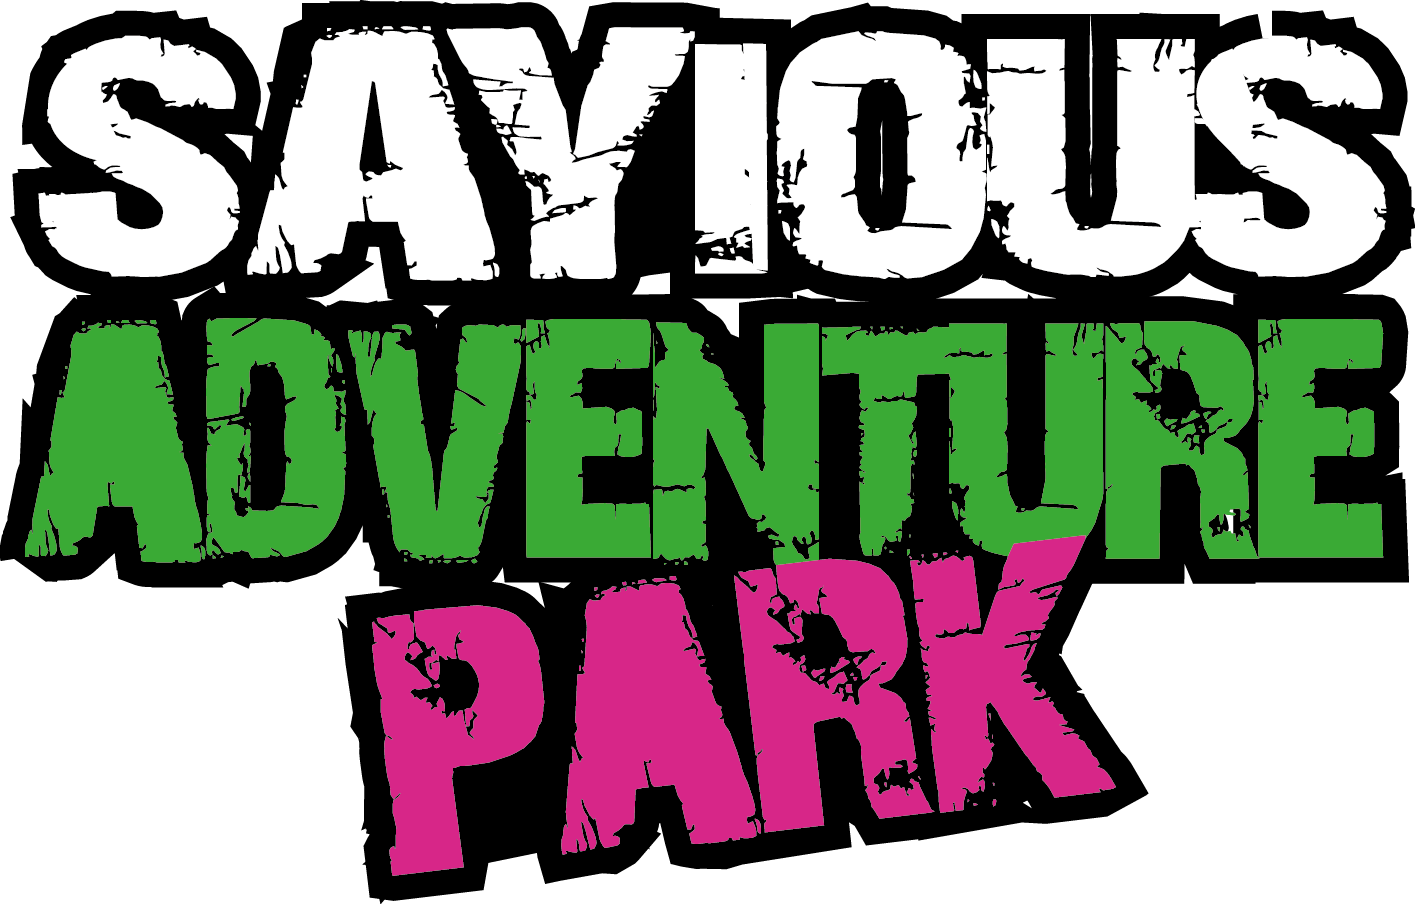 Clipart park adventure park. Sayious teambuilding logo